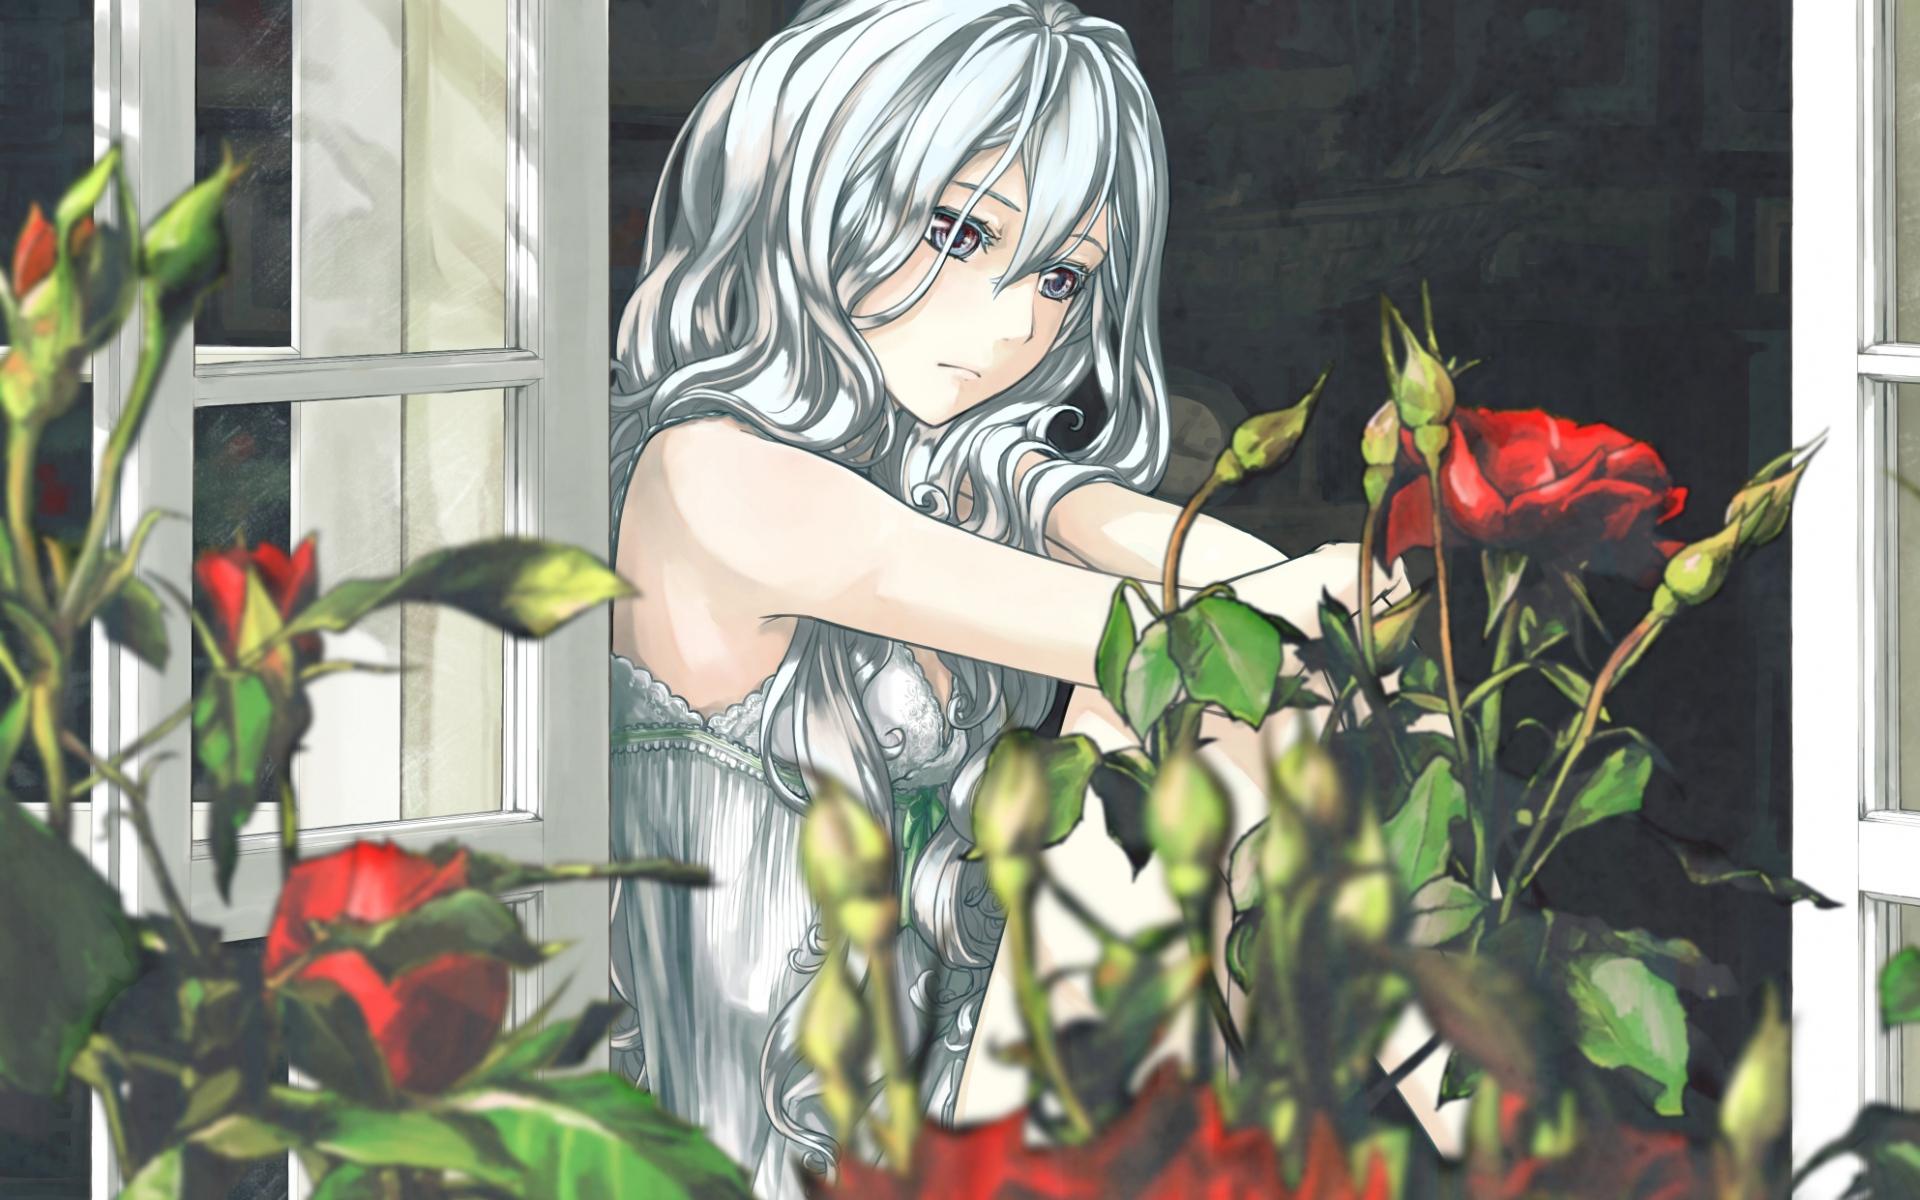 Картинки Девушка, аниме, окно, розы фото и обои на рабочий стол